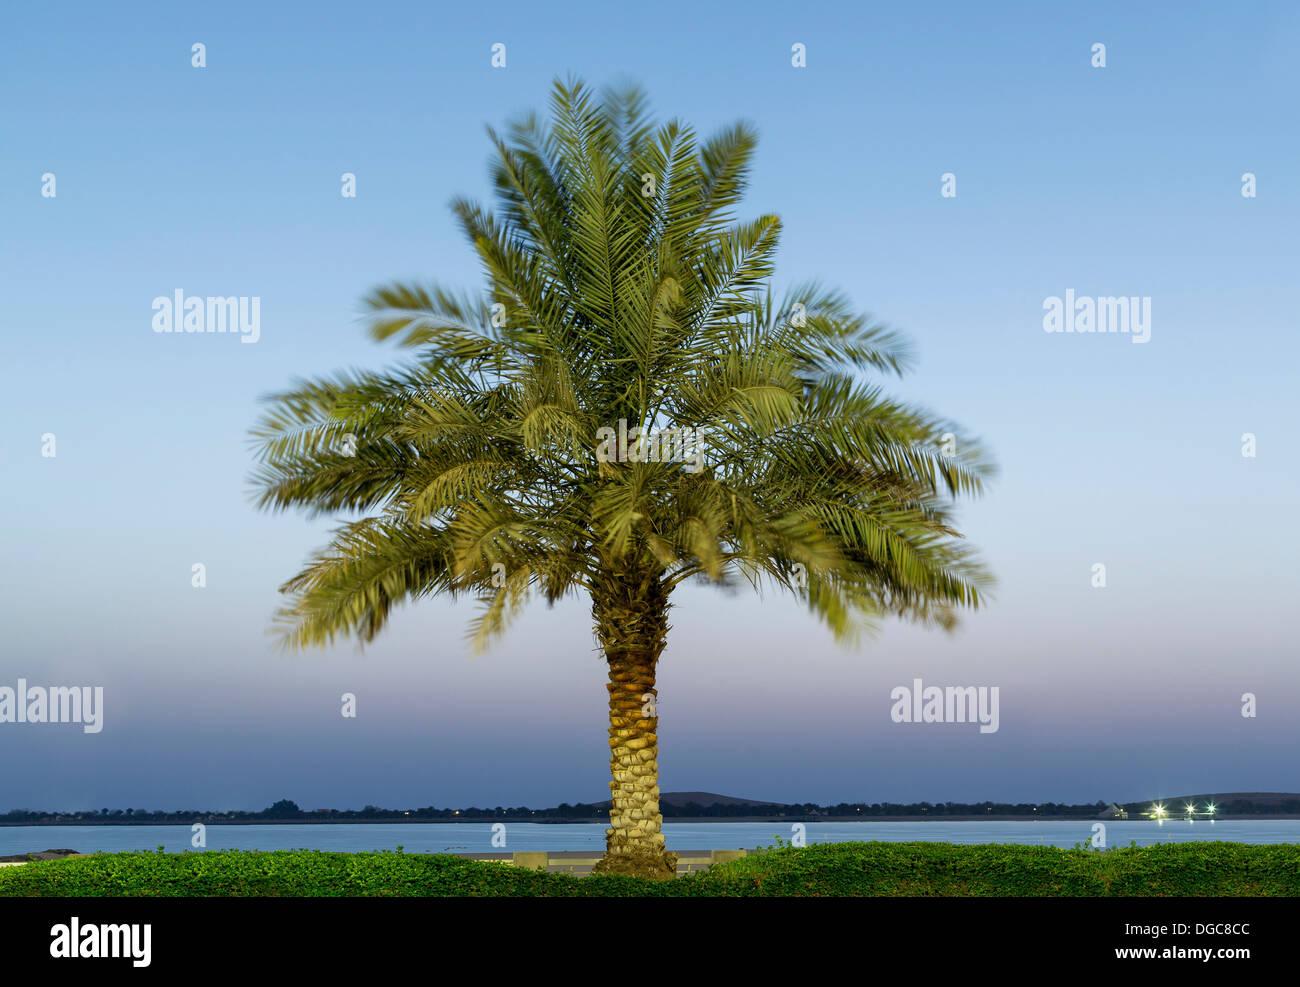 Date palm tree, Adu Dhabi, United Arab Emirates - Stock Image